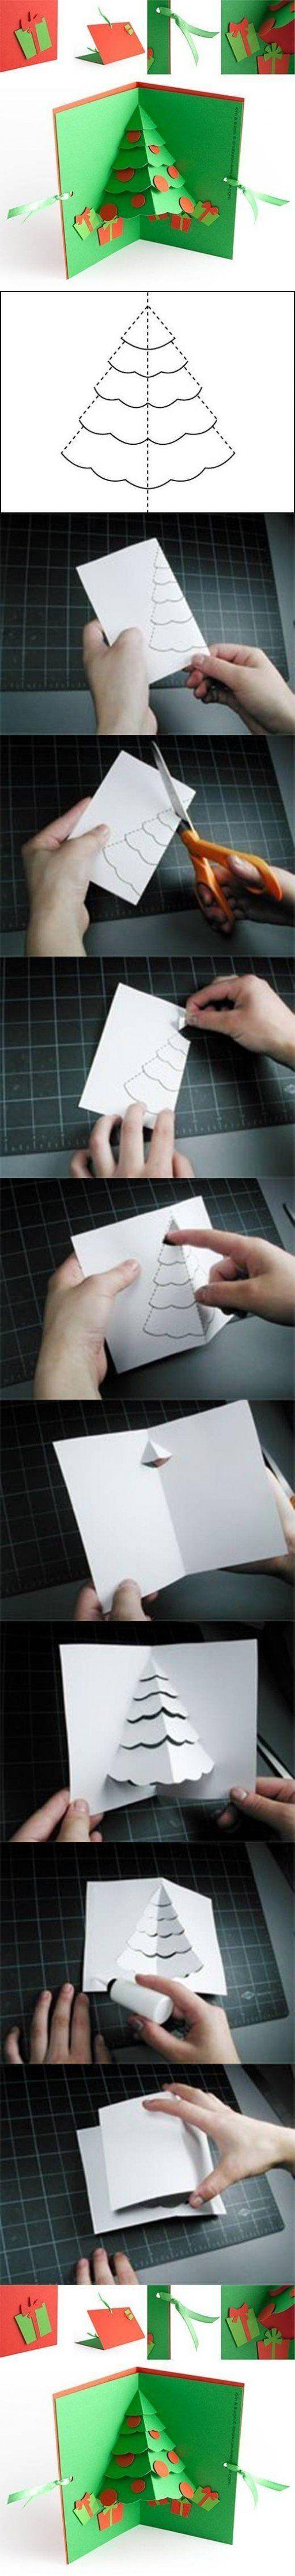 Le istruzioni per creare un albero di natale di carta in pochi minuti